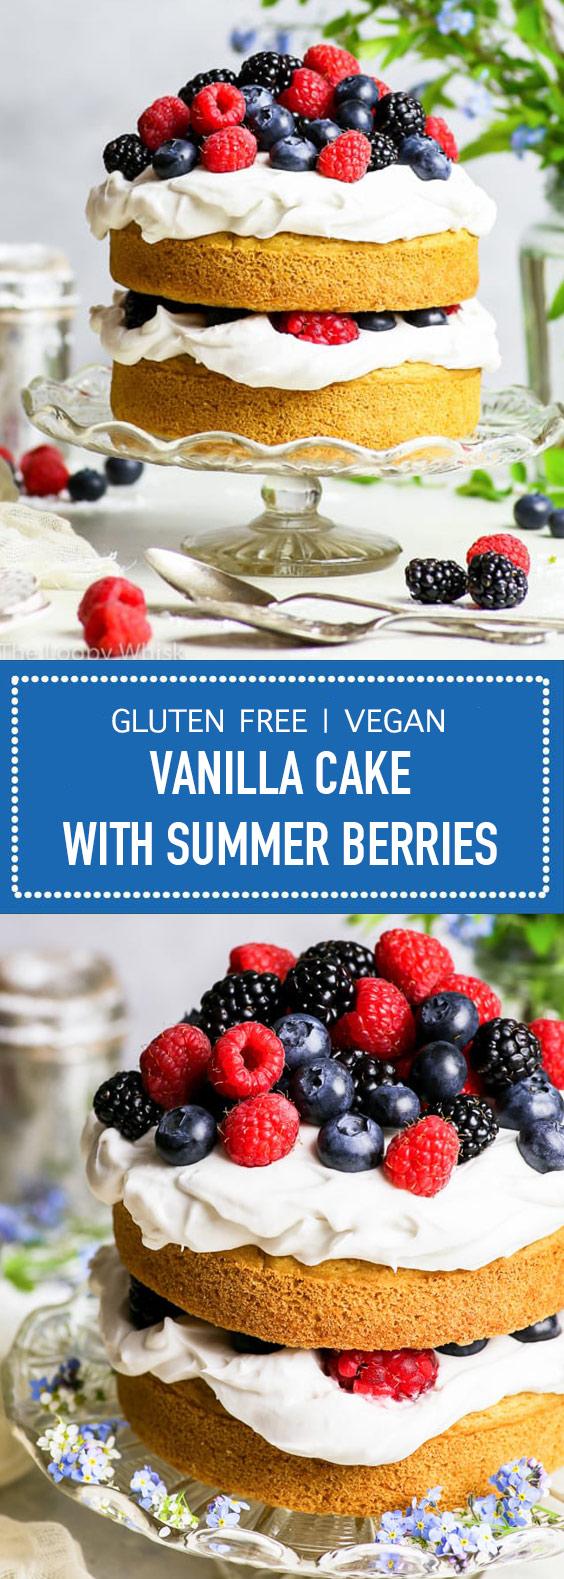 Gluten Free + Vegan Vanilla Cake with Summer Berries